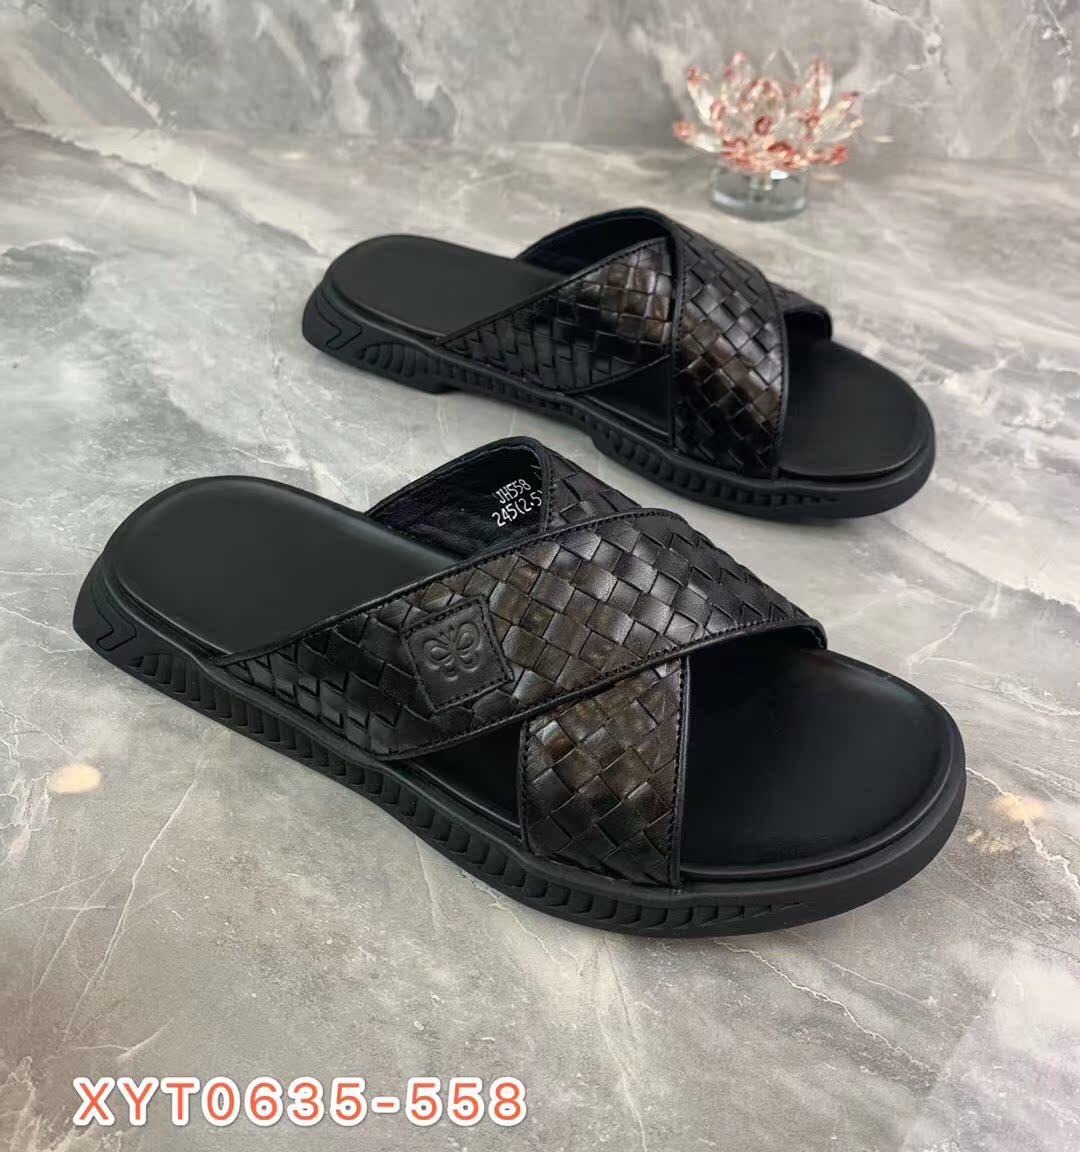 【西亚图】20年夏款拖鞋真皮鞋运动凉鞋休闲拖鞋露趾男士拖鞋